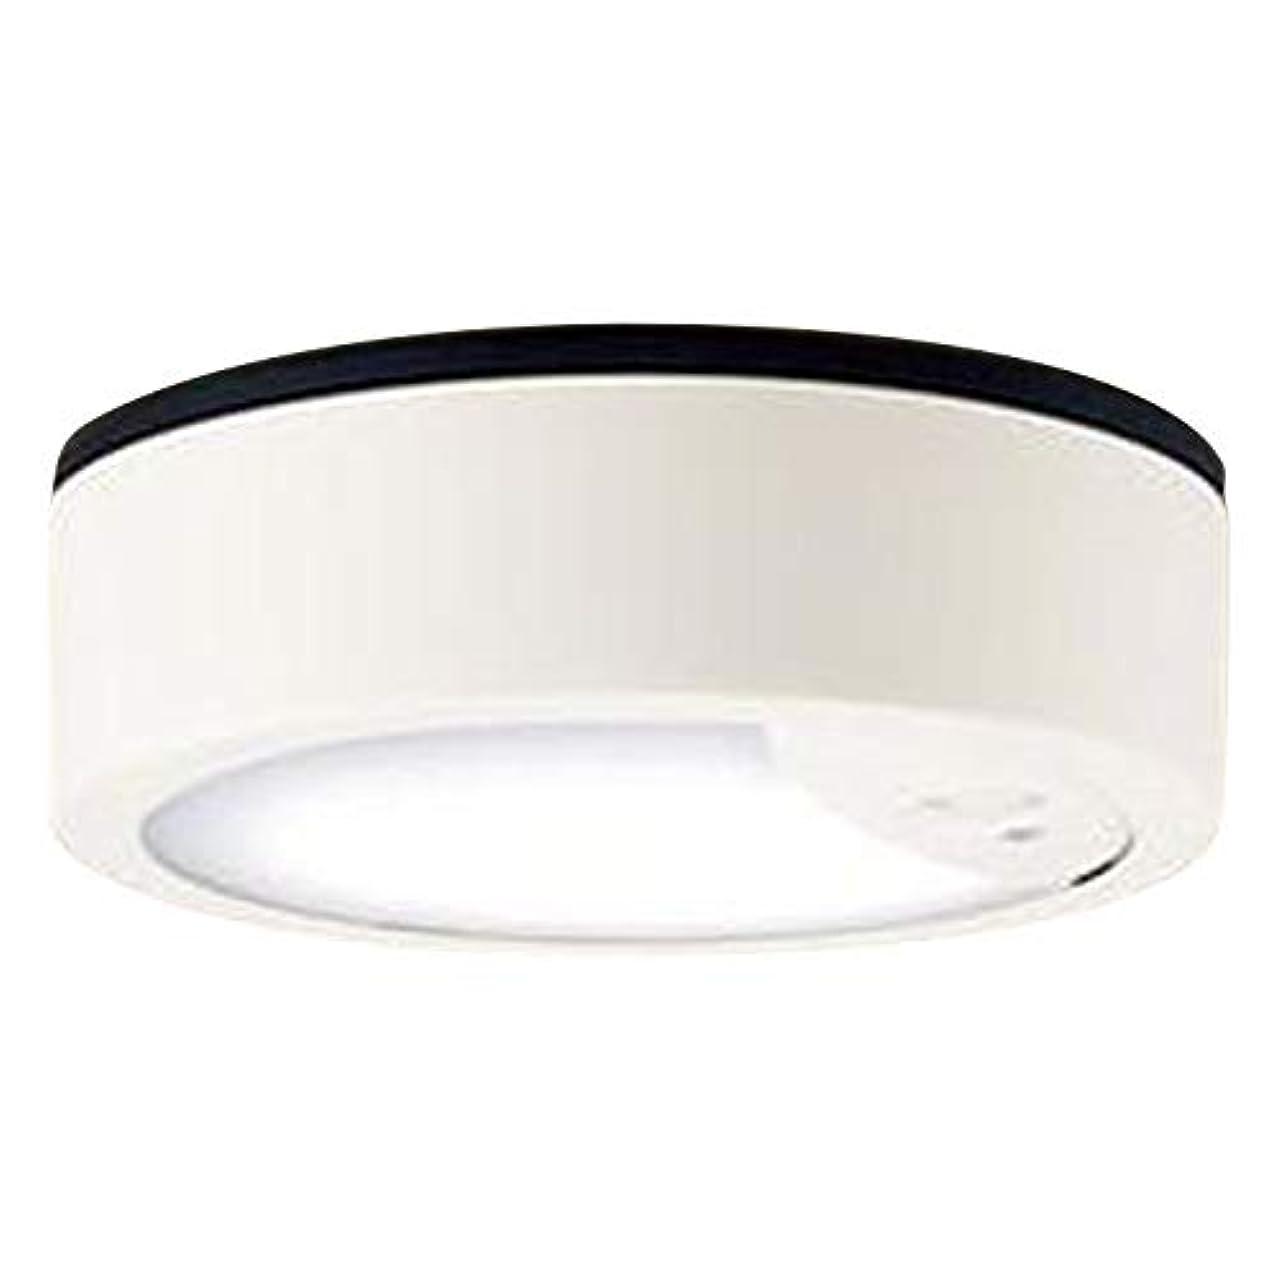 法廷医療過誤器官パナソニック(Panasonic) ダウンシーリングライト LGWC51510LE1 60形 拡散 ホワイト